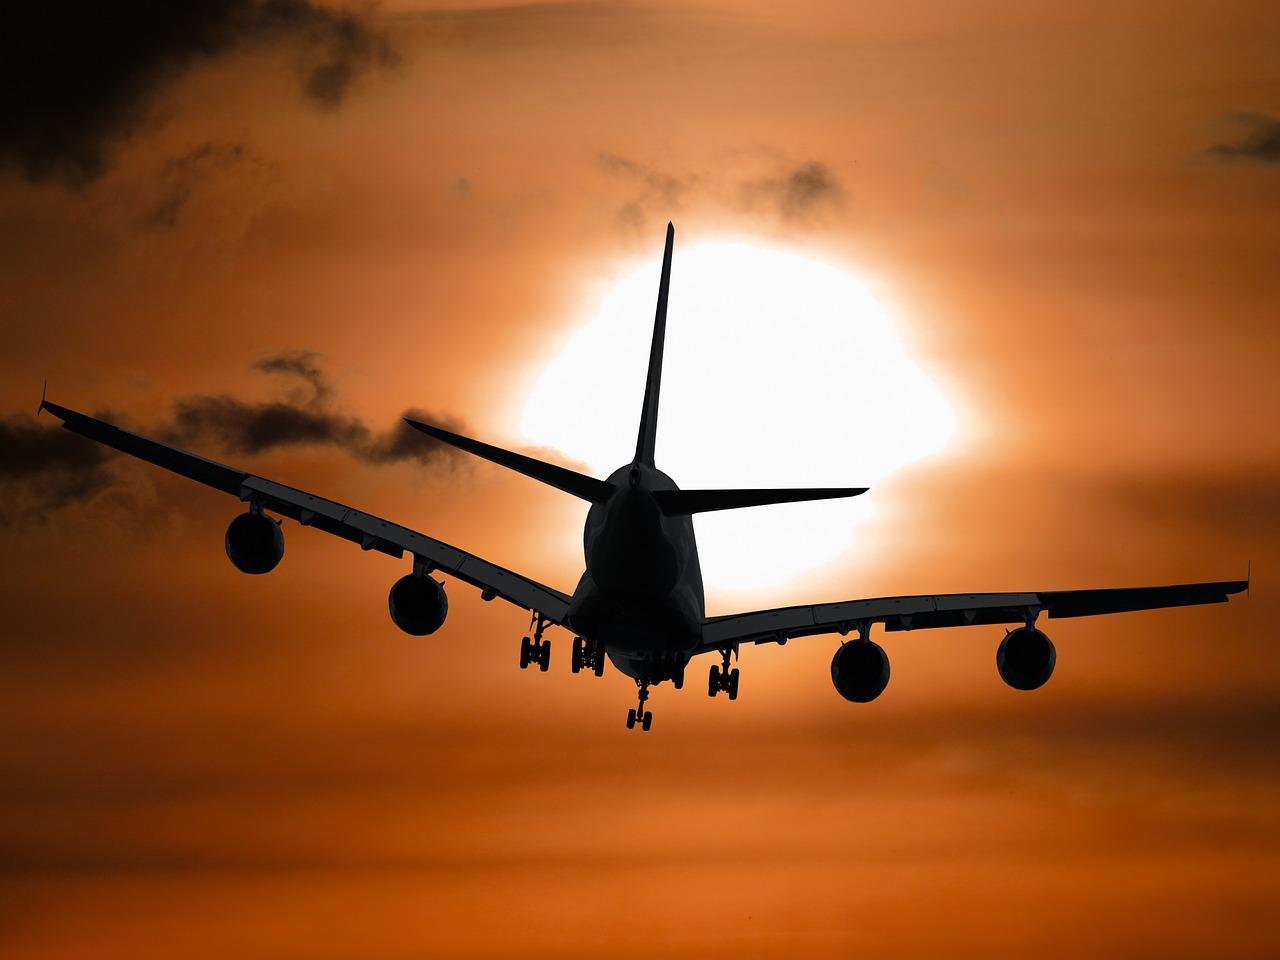 flugzeug 1515497254